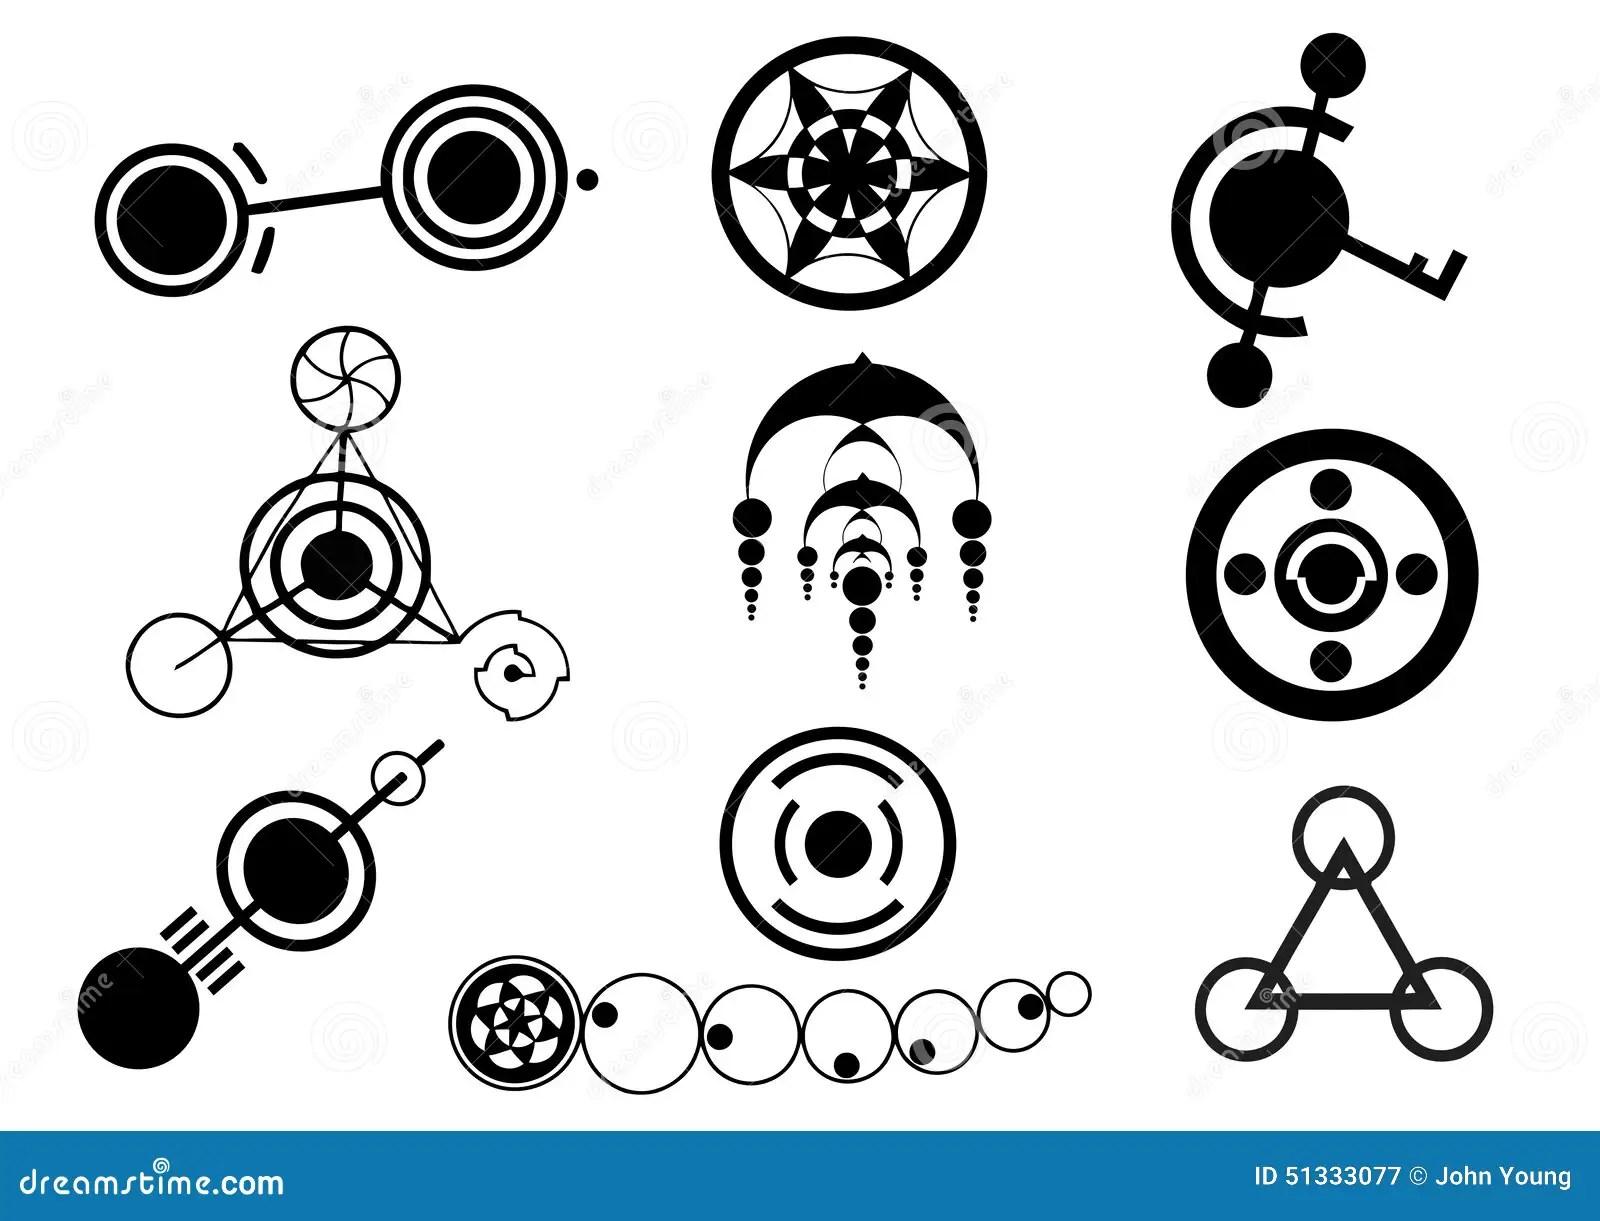 Roman Numeral 3 Tattoo Stencils